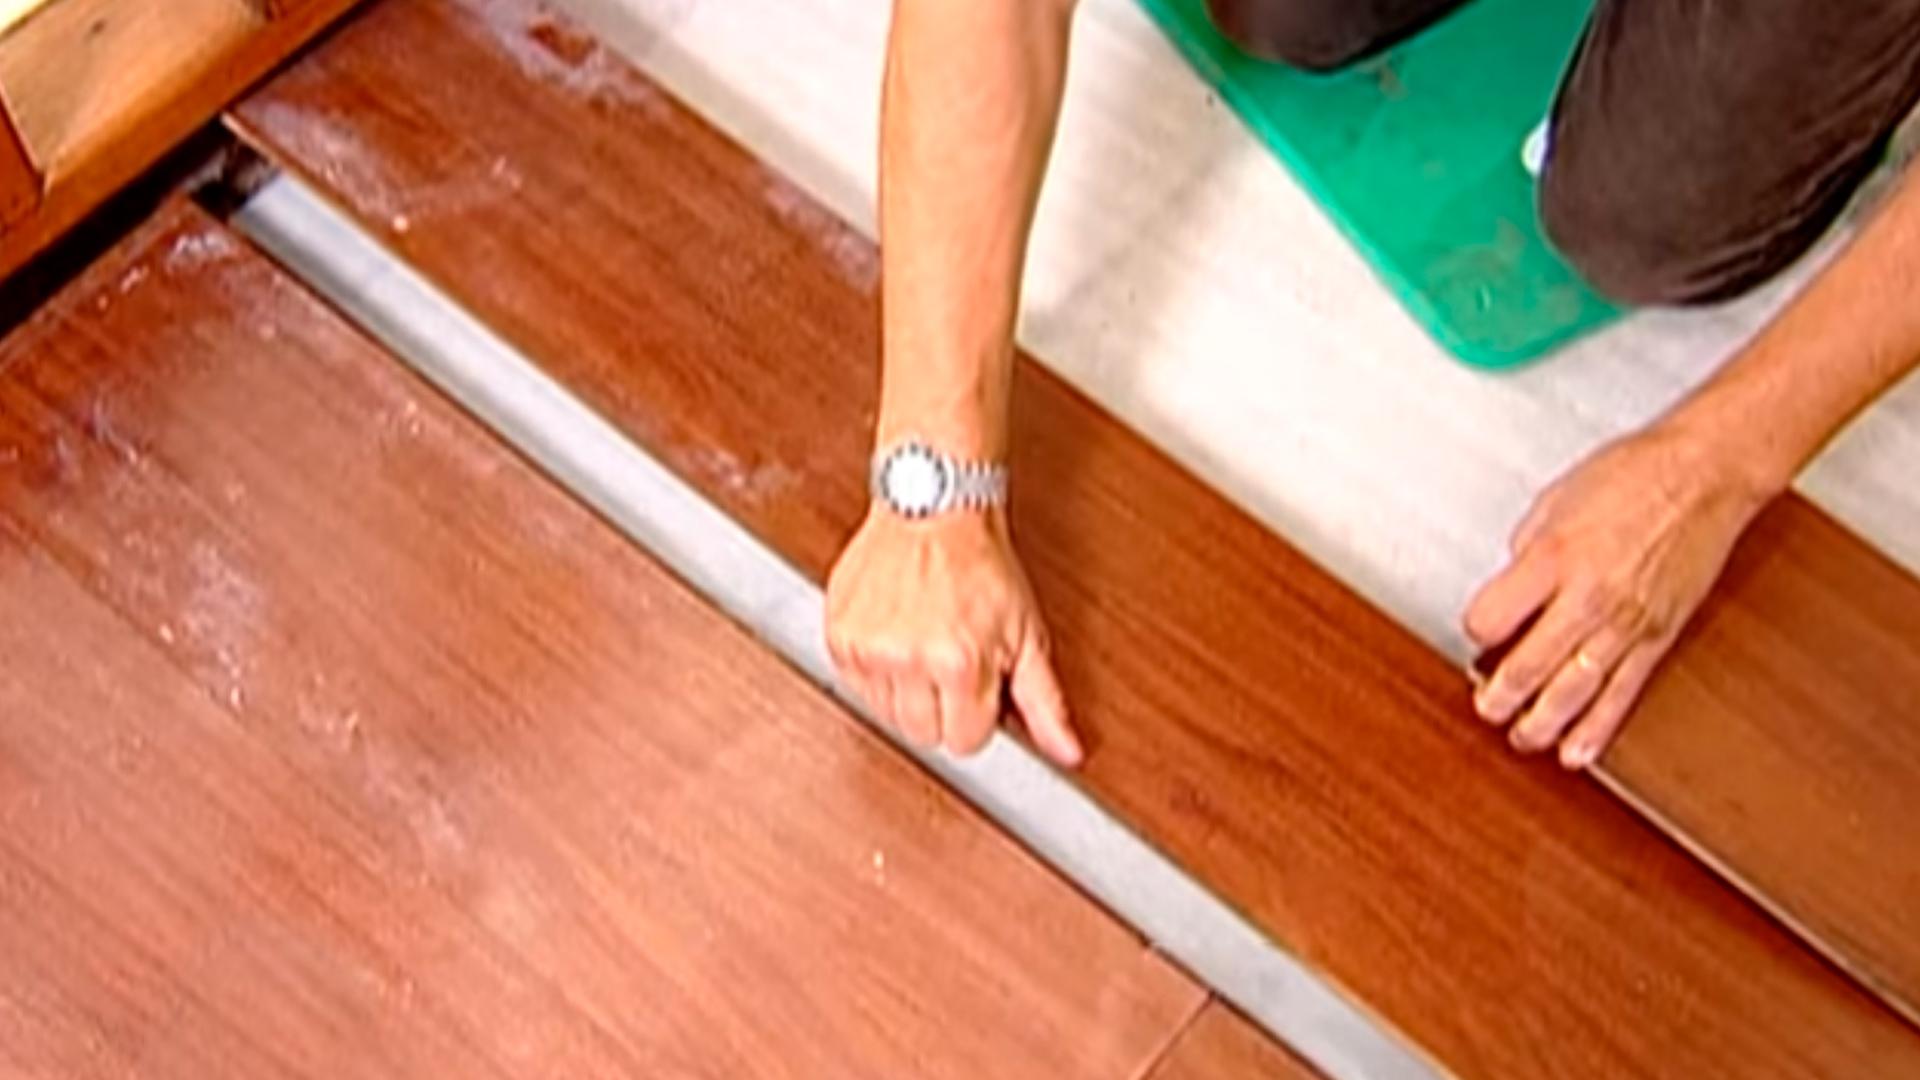 Con este video aprenderás a reparar un piso laminado dañado por graves focos de hongos y saturación de humedad. Aprende y descubre más sobre instalación, mantención y reparación en este especia